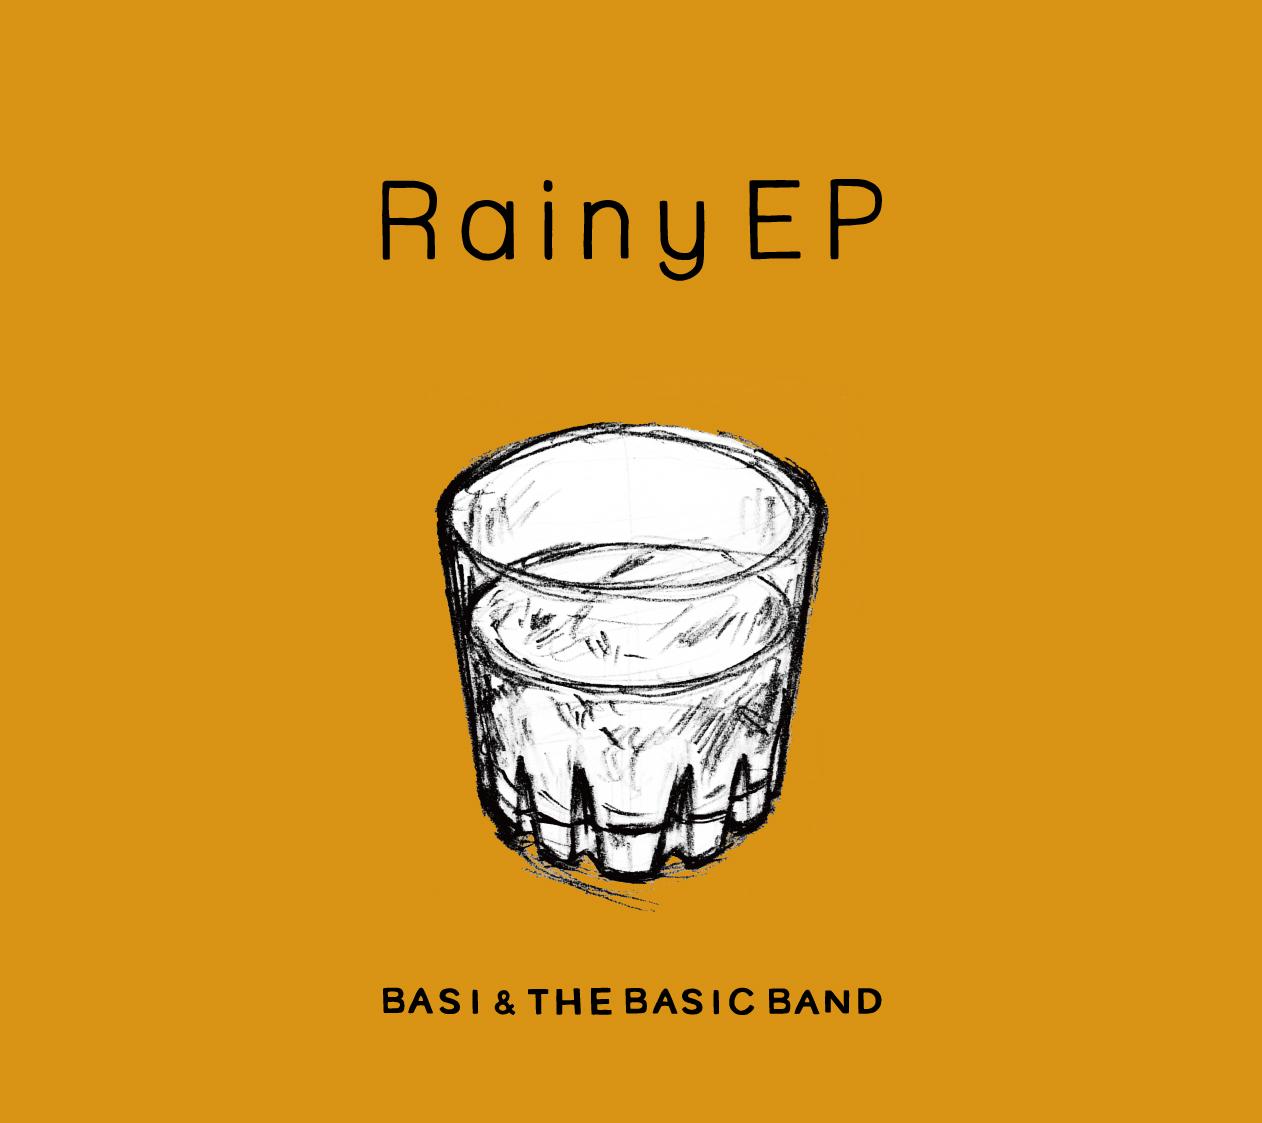 rainy_ep_jk_